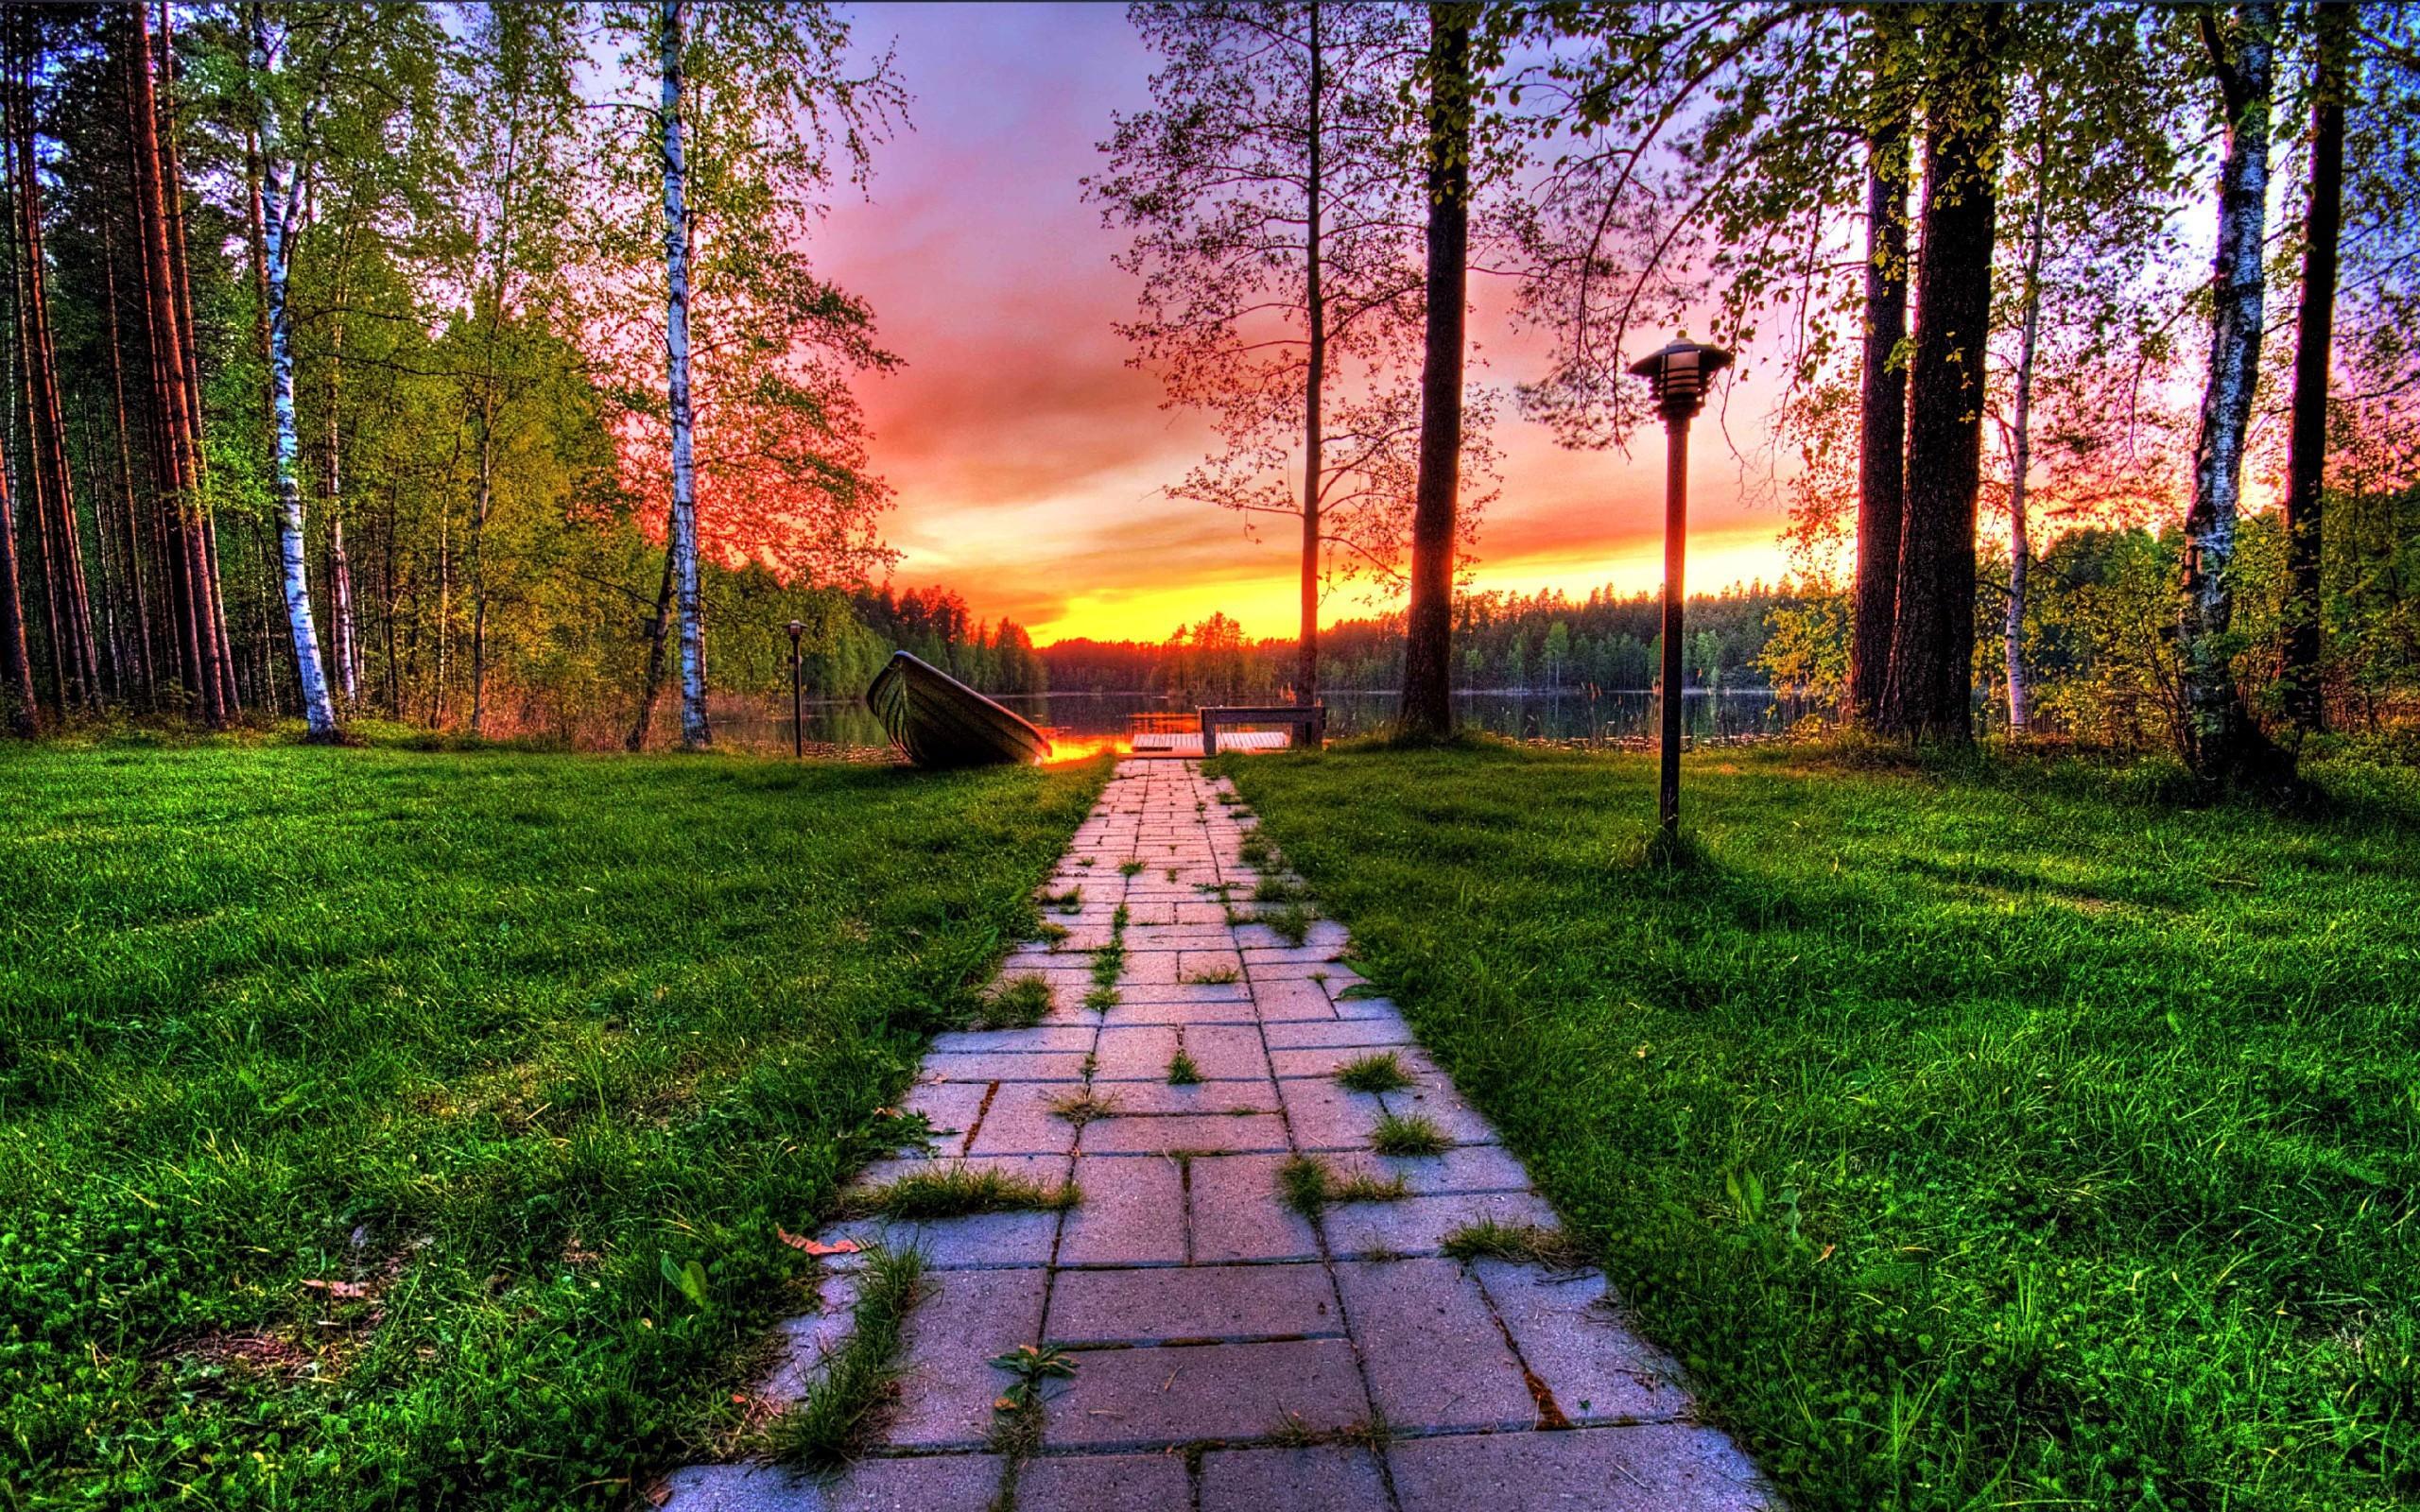 wonderful nature background